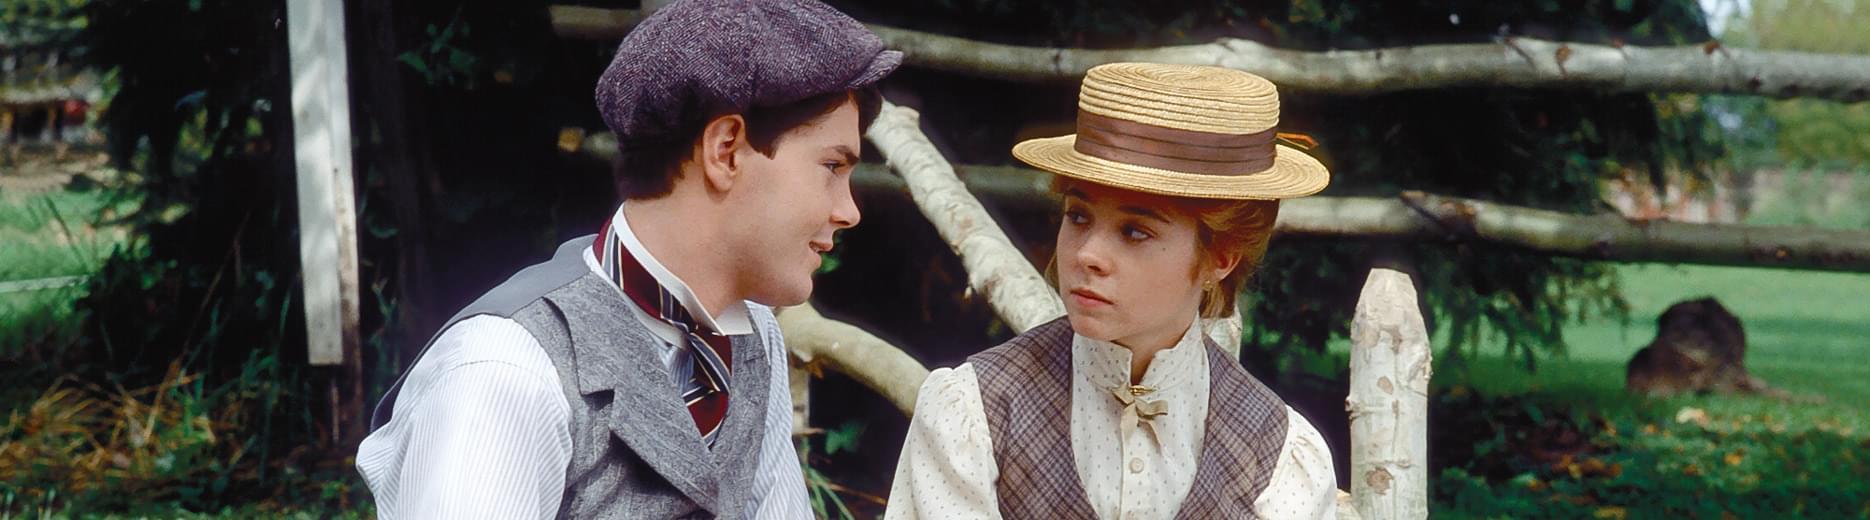 Anne Of Green Gables Films